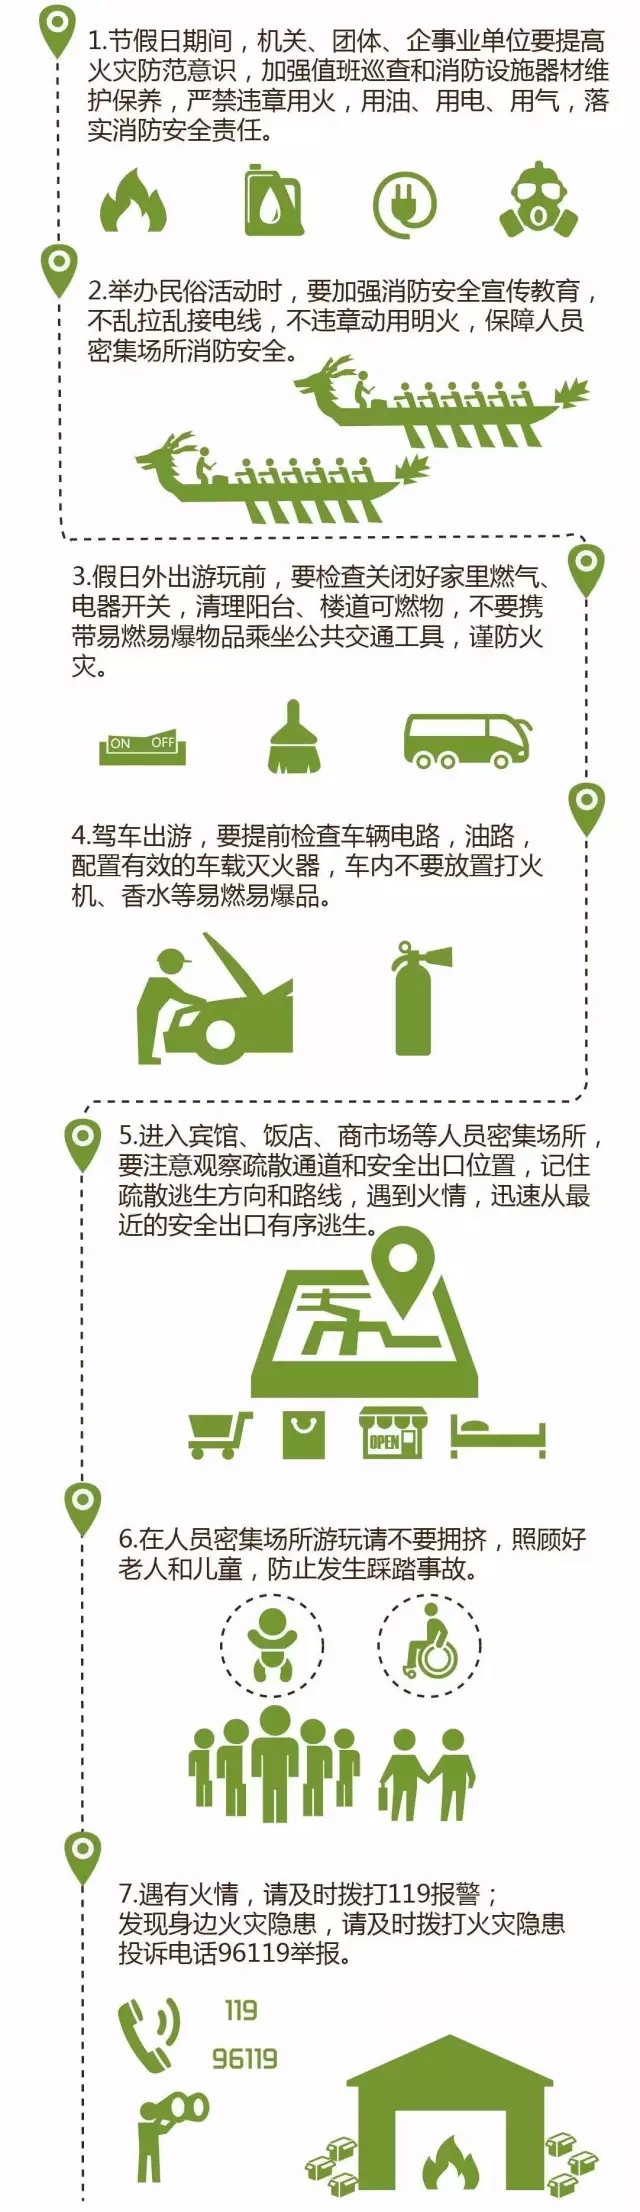 广西消防总队:端午节消防安全提示